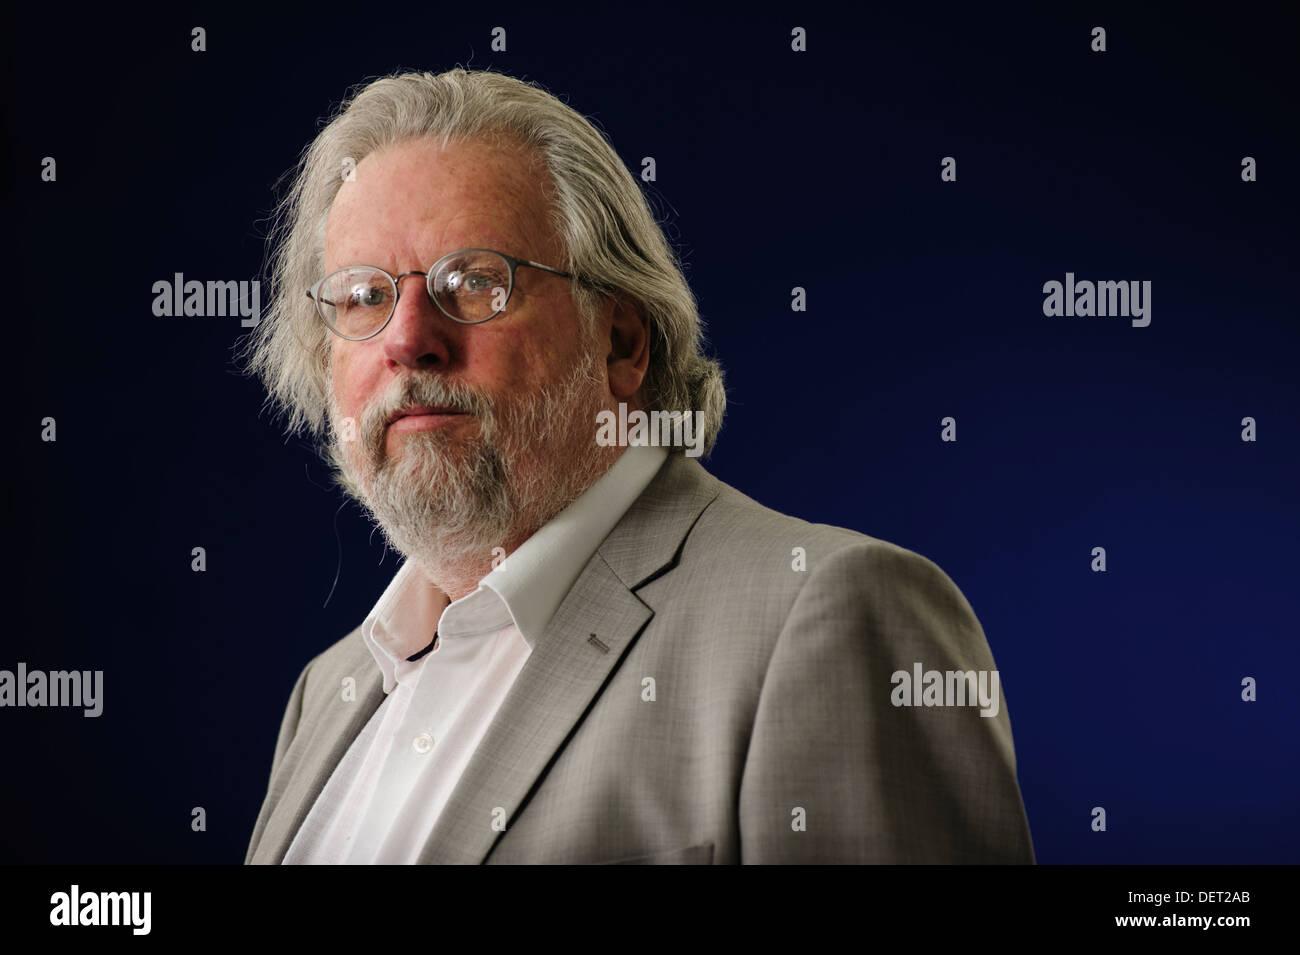 Richard Abraham Gekoski, Writer, broadcaster, rare book dealer, attending the Edinburgh International Book Festival 2013. - Stock Image